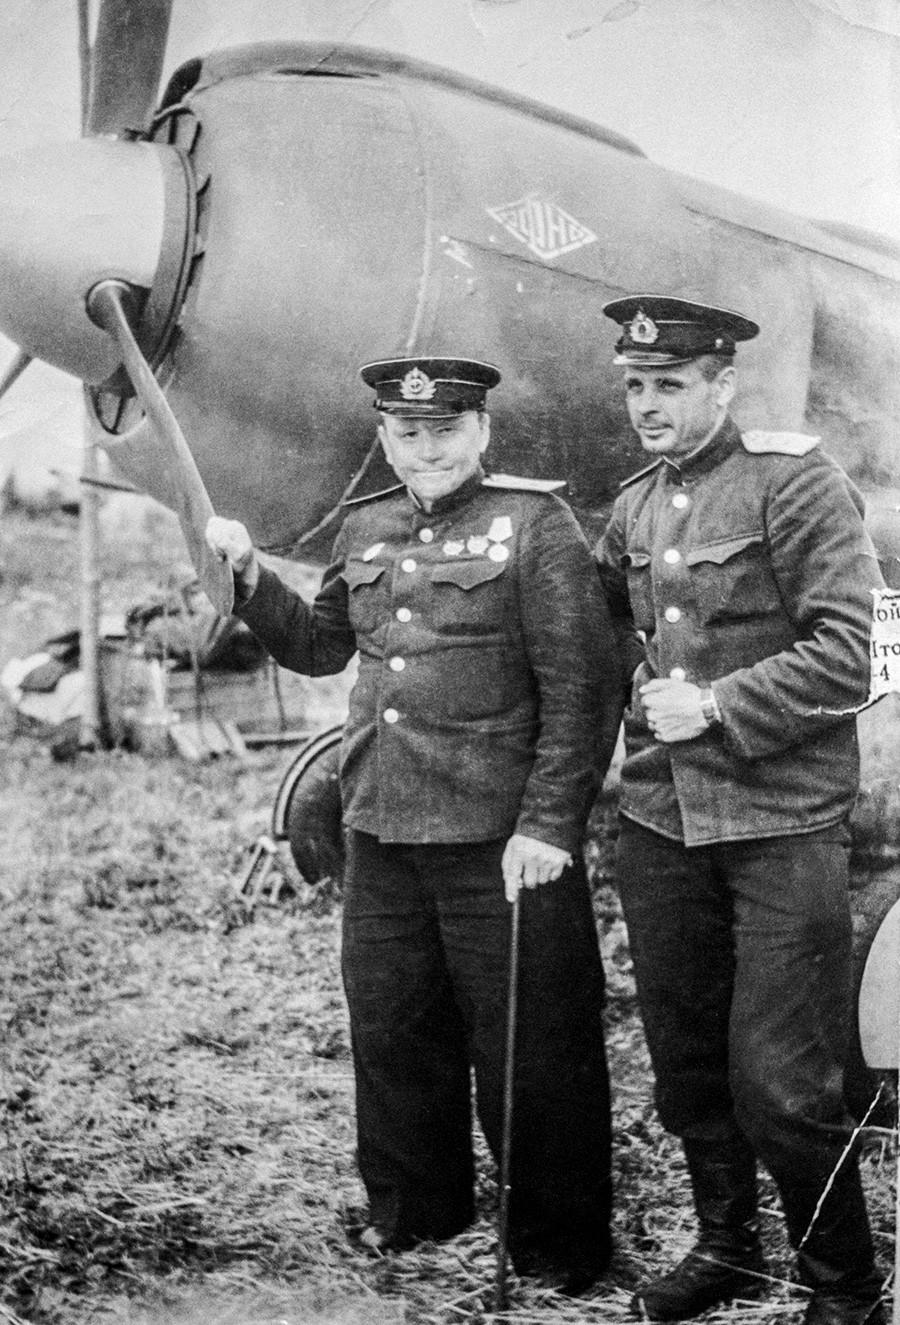 СССР, 1944 година. Пилотът Леонид Белоусов и командирът на разузнавателната ескадрила Григорий Шулей, стоящ близо до самолета.